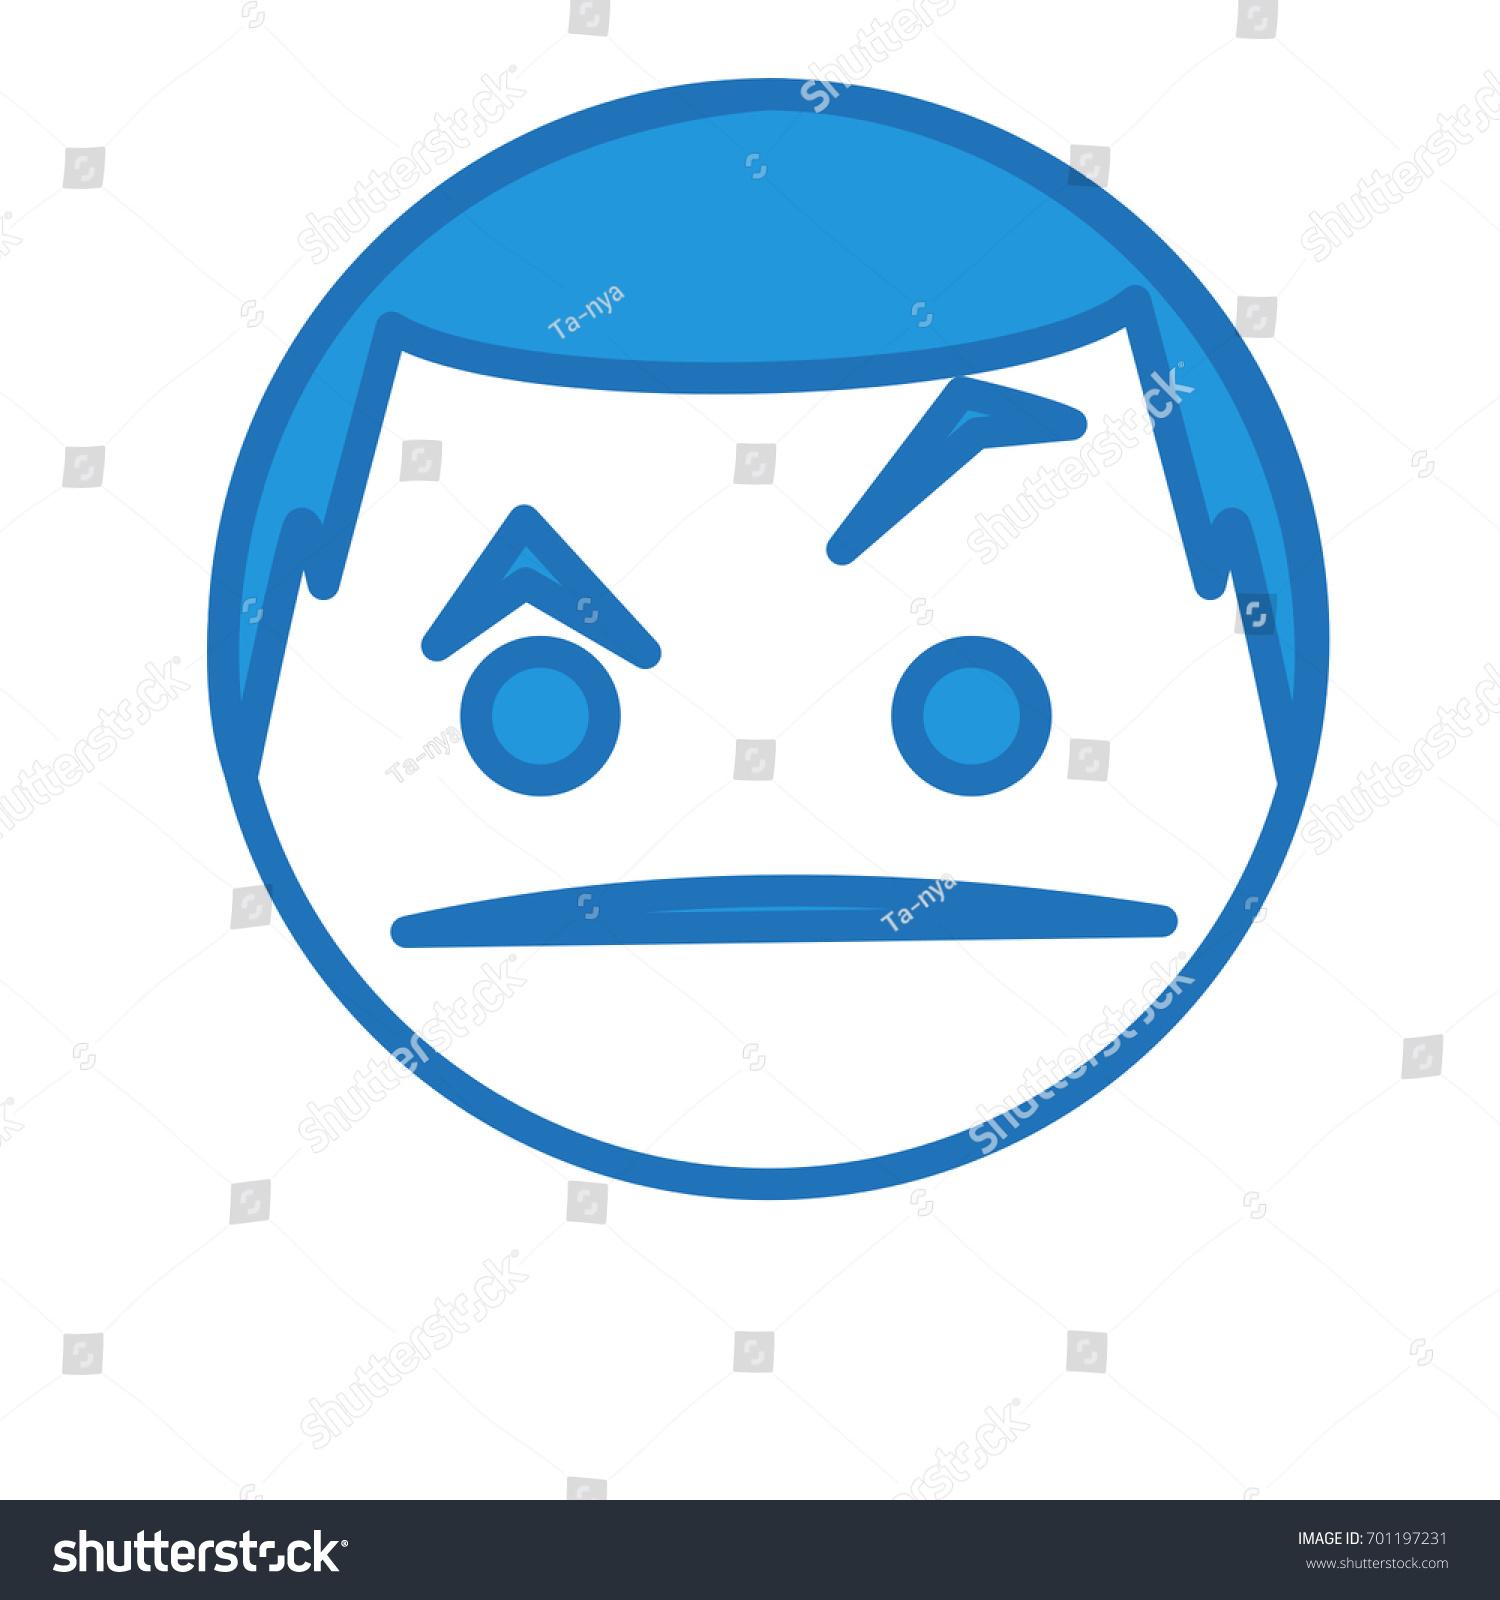 Confused Emoticon Raising Eyebrow Expression Circle Stock Vector